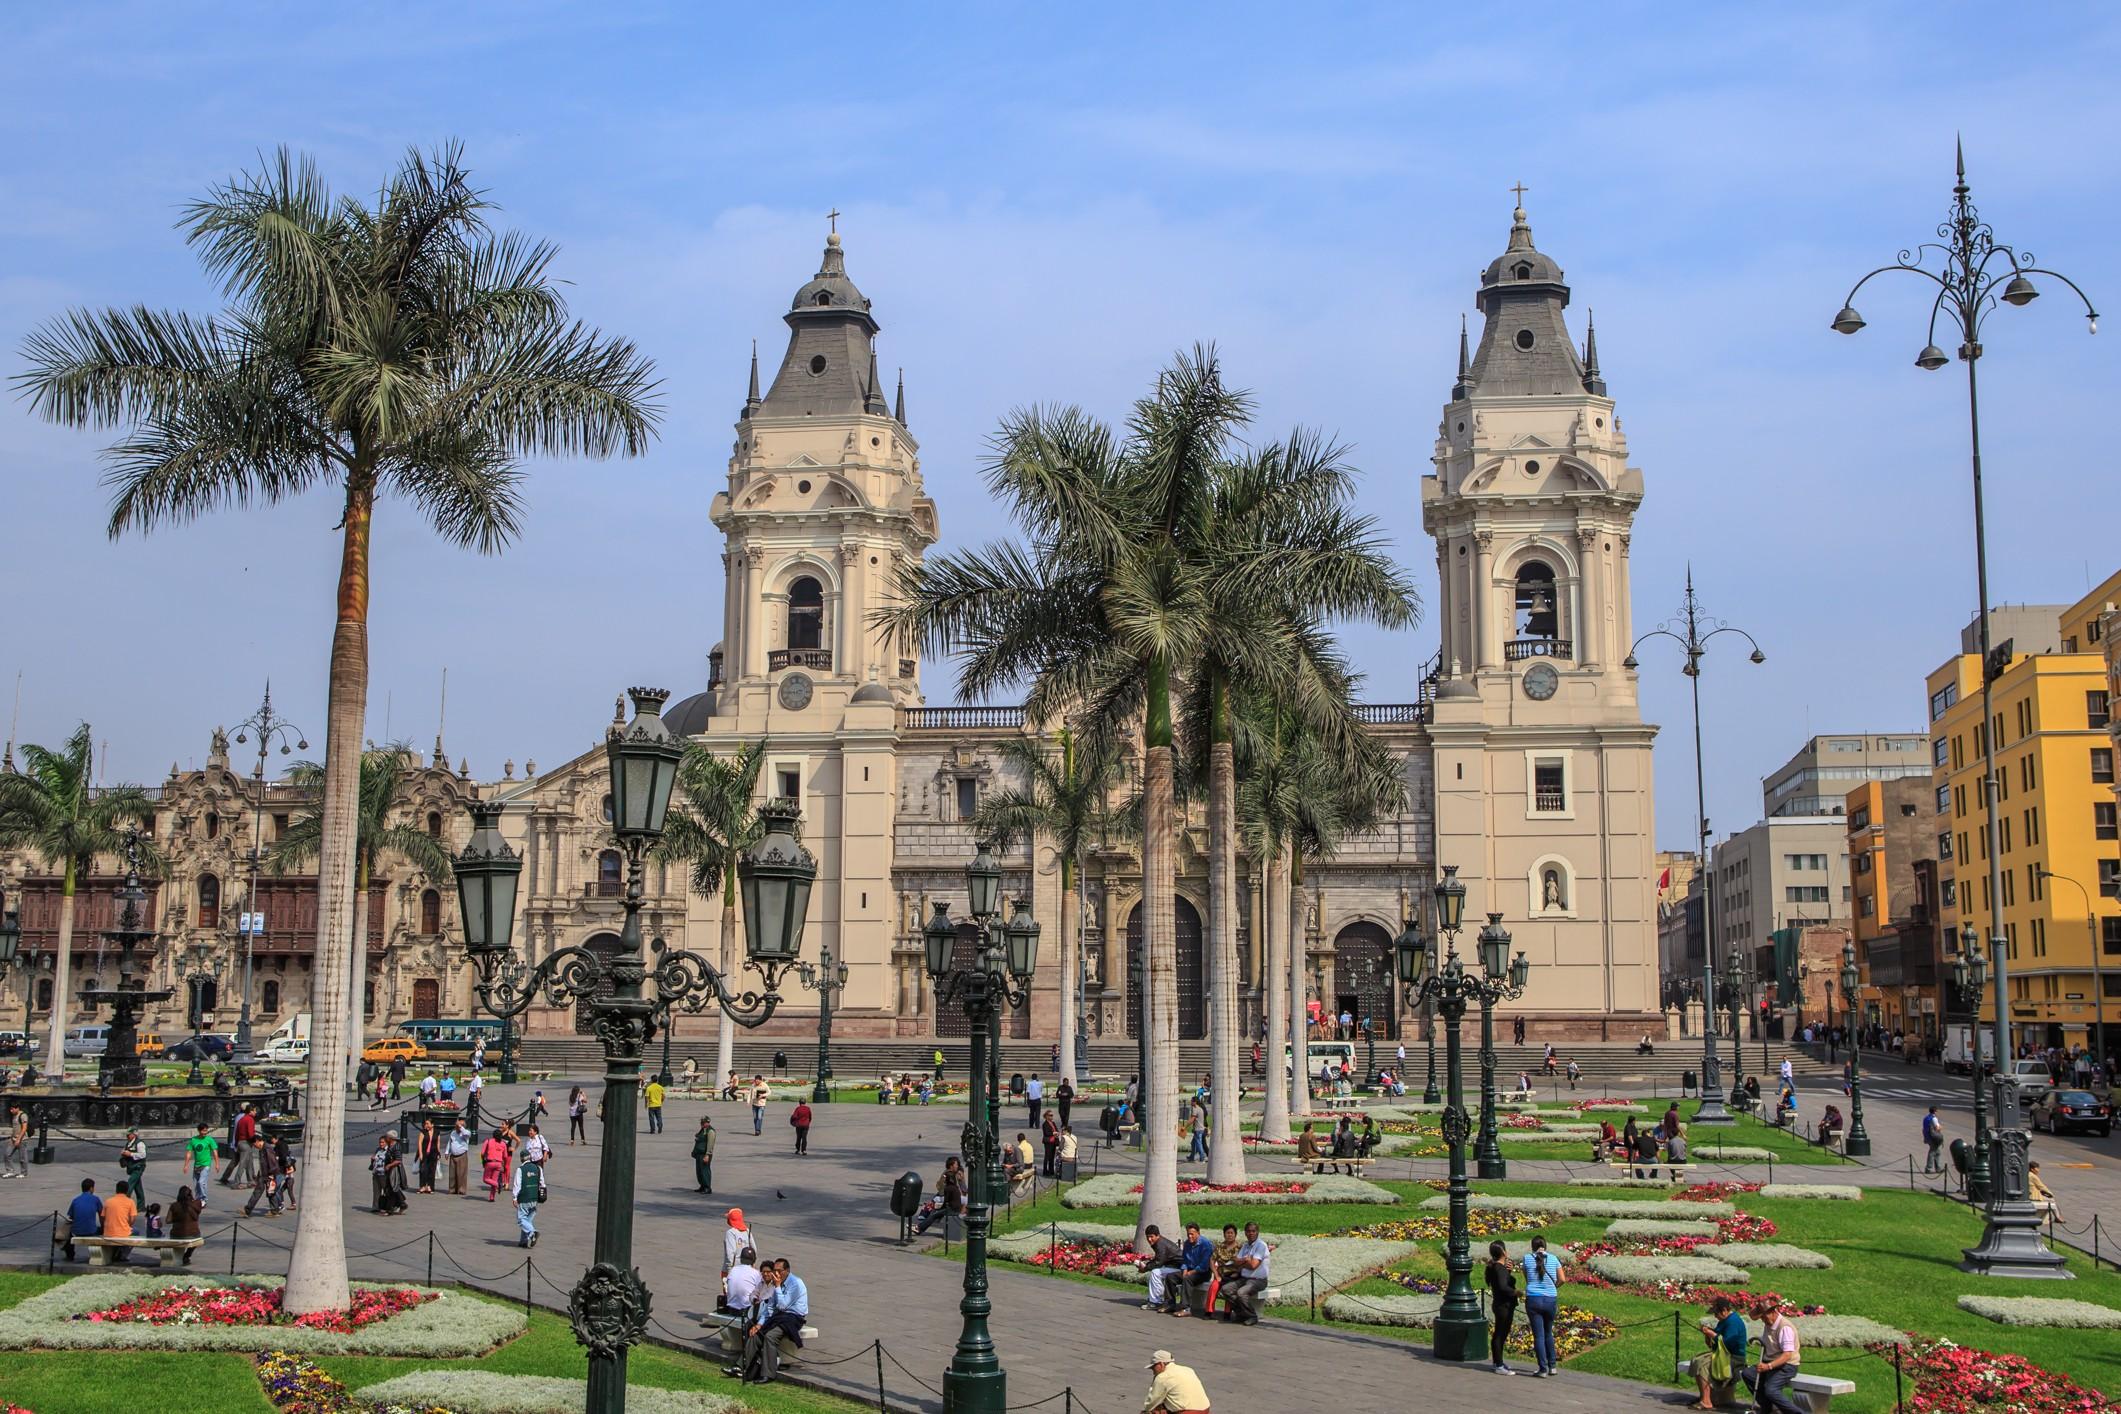 O centro histórico de Lima, capital do Peru (Foto: Wikimedia Commons)